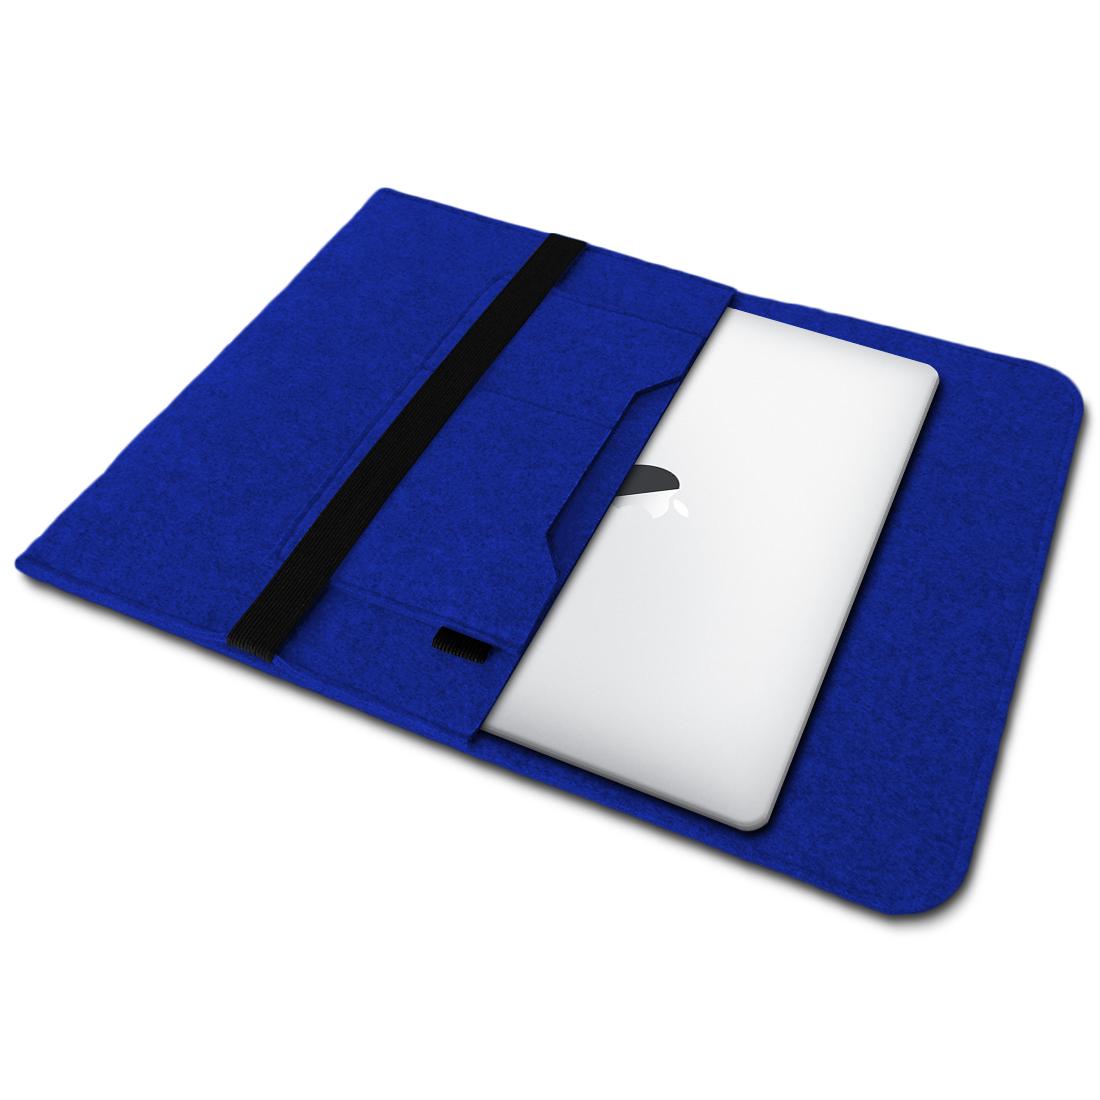 apple macbook pro h lle tasche laptop cover sleeve filz 13. Black Bedroom Furniture Sets. Home Design Ideas